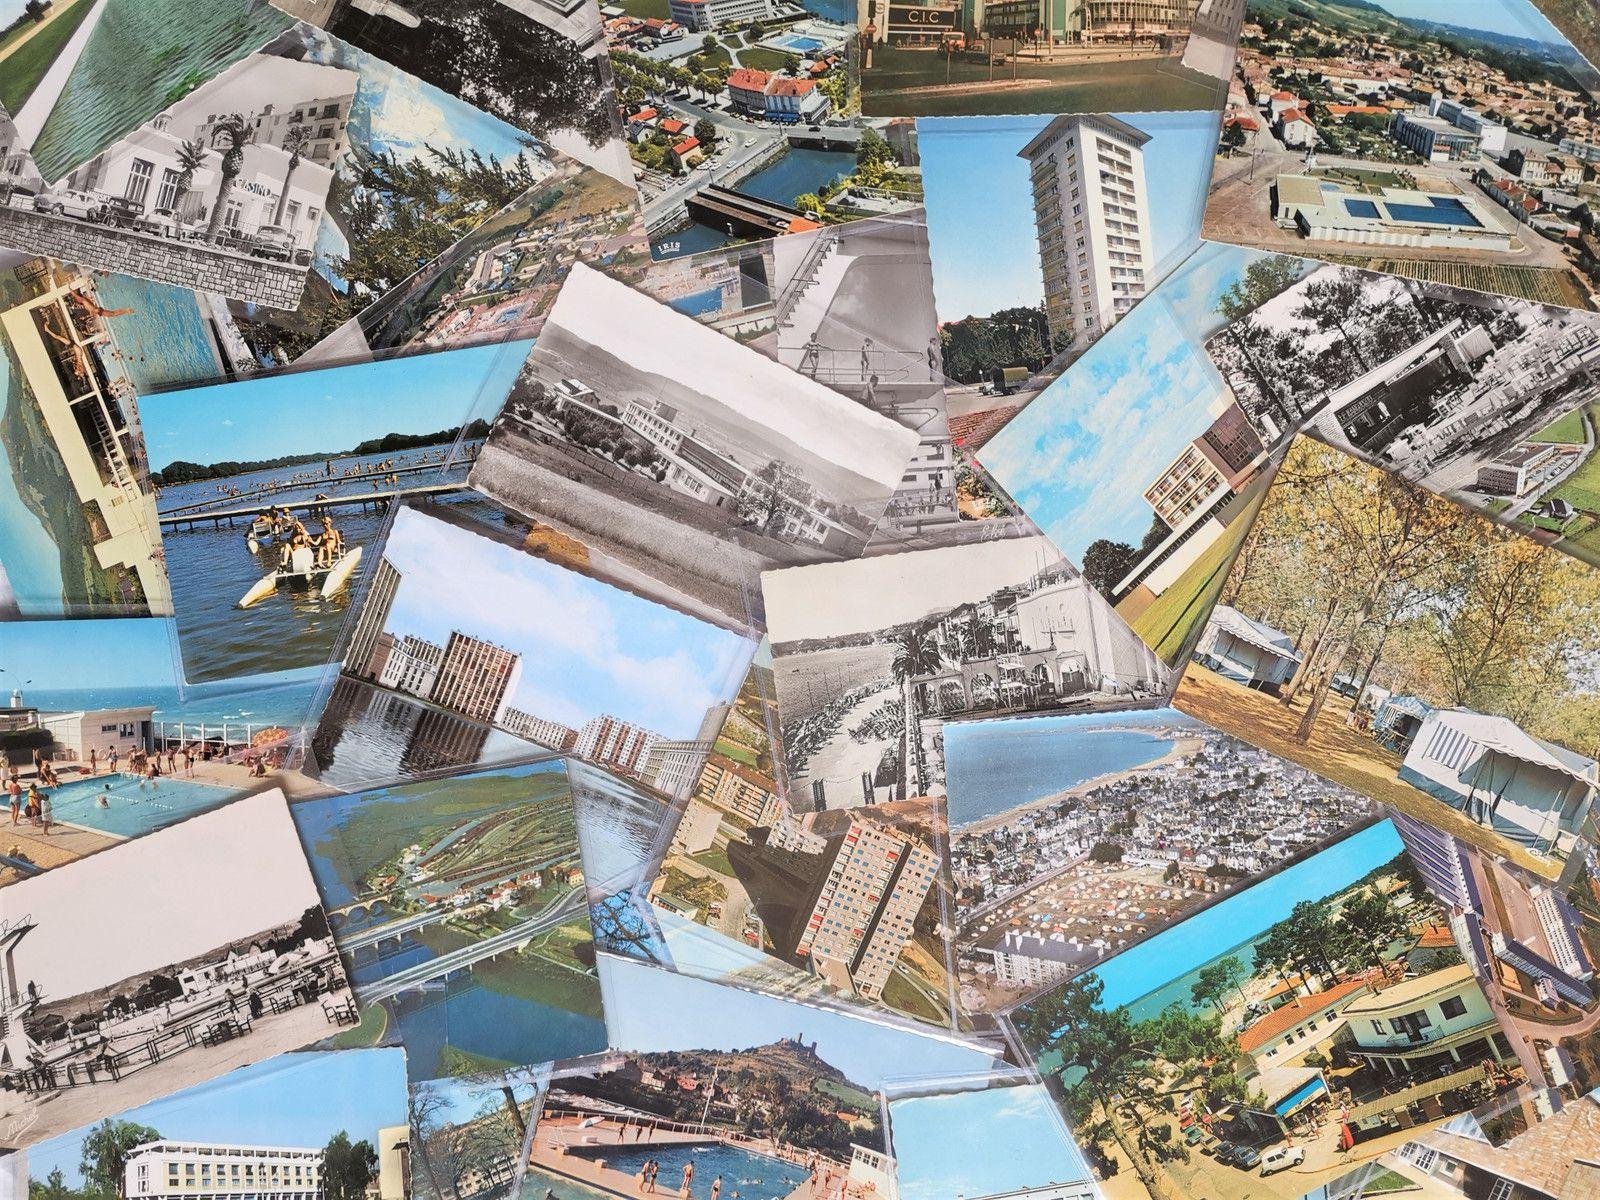 Parcours d'architecture, 2020, collection de cartes postales